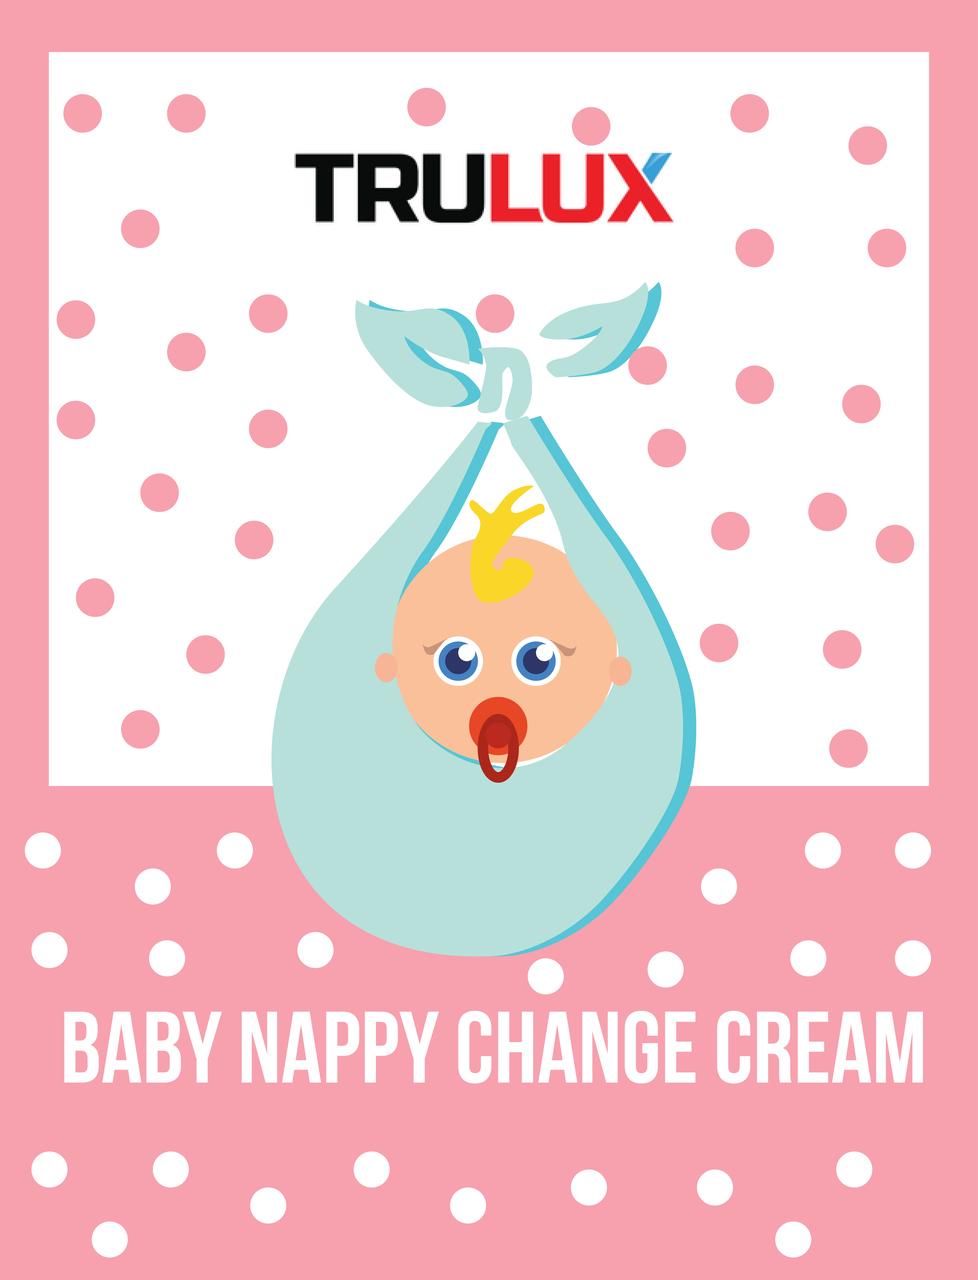 BABY NAPPY CHANGE CREAM